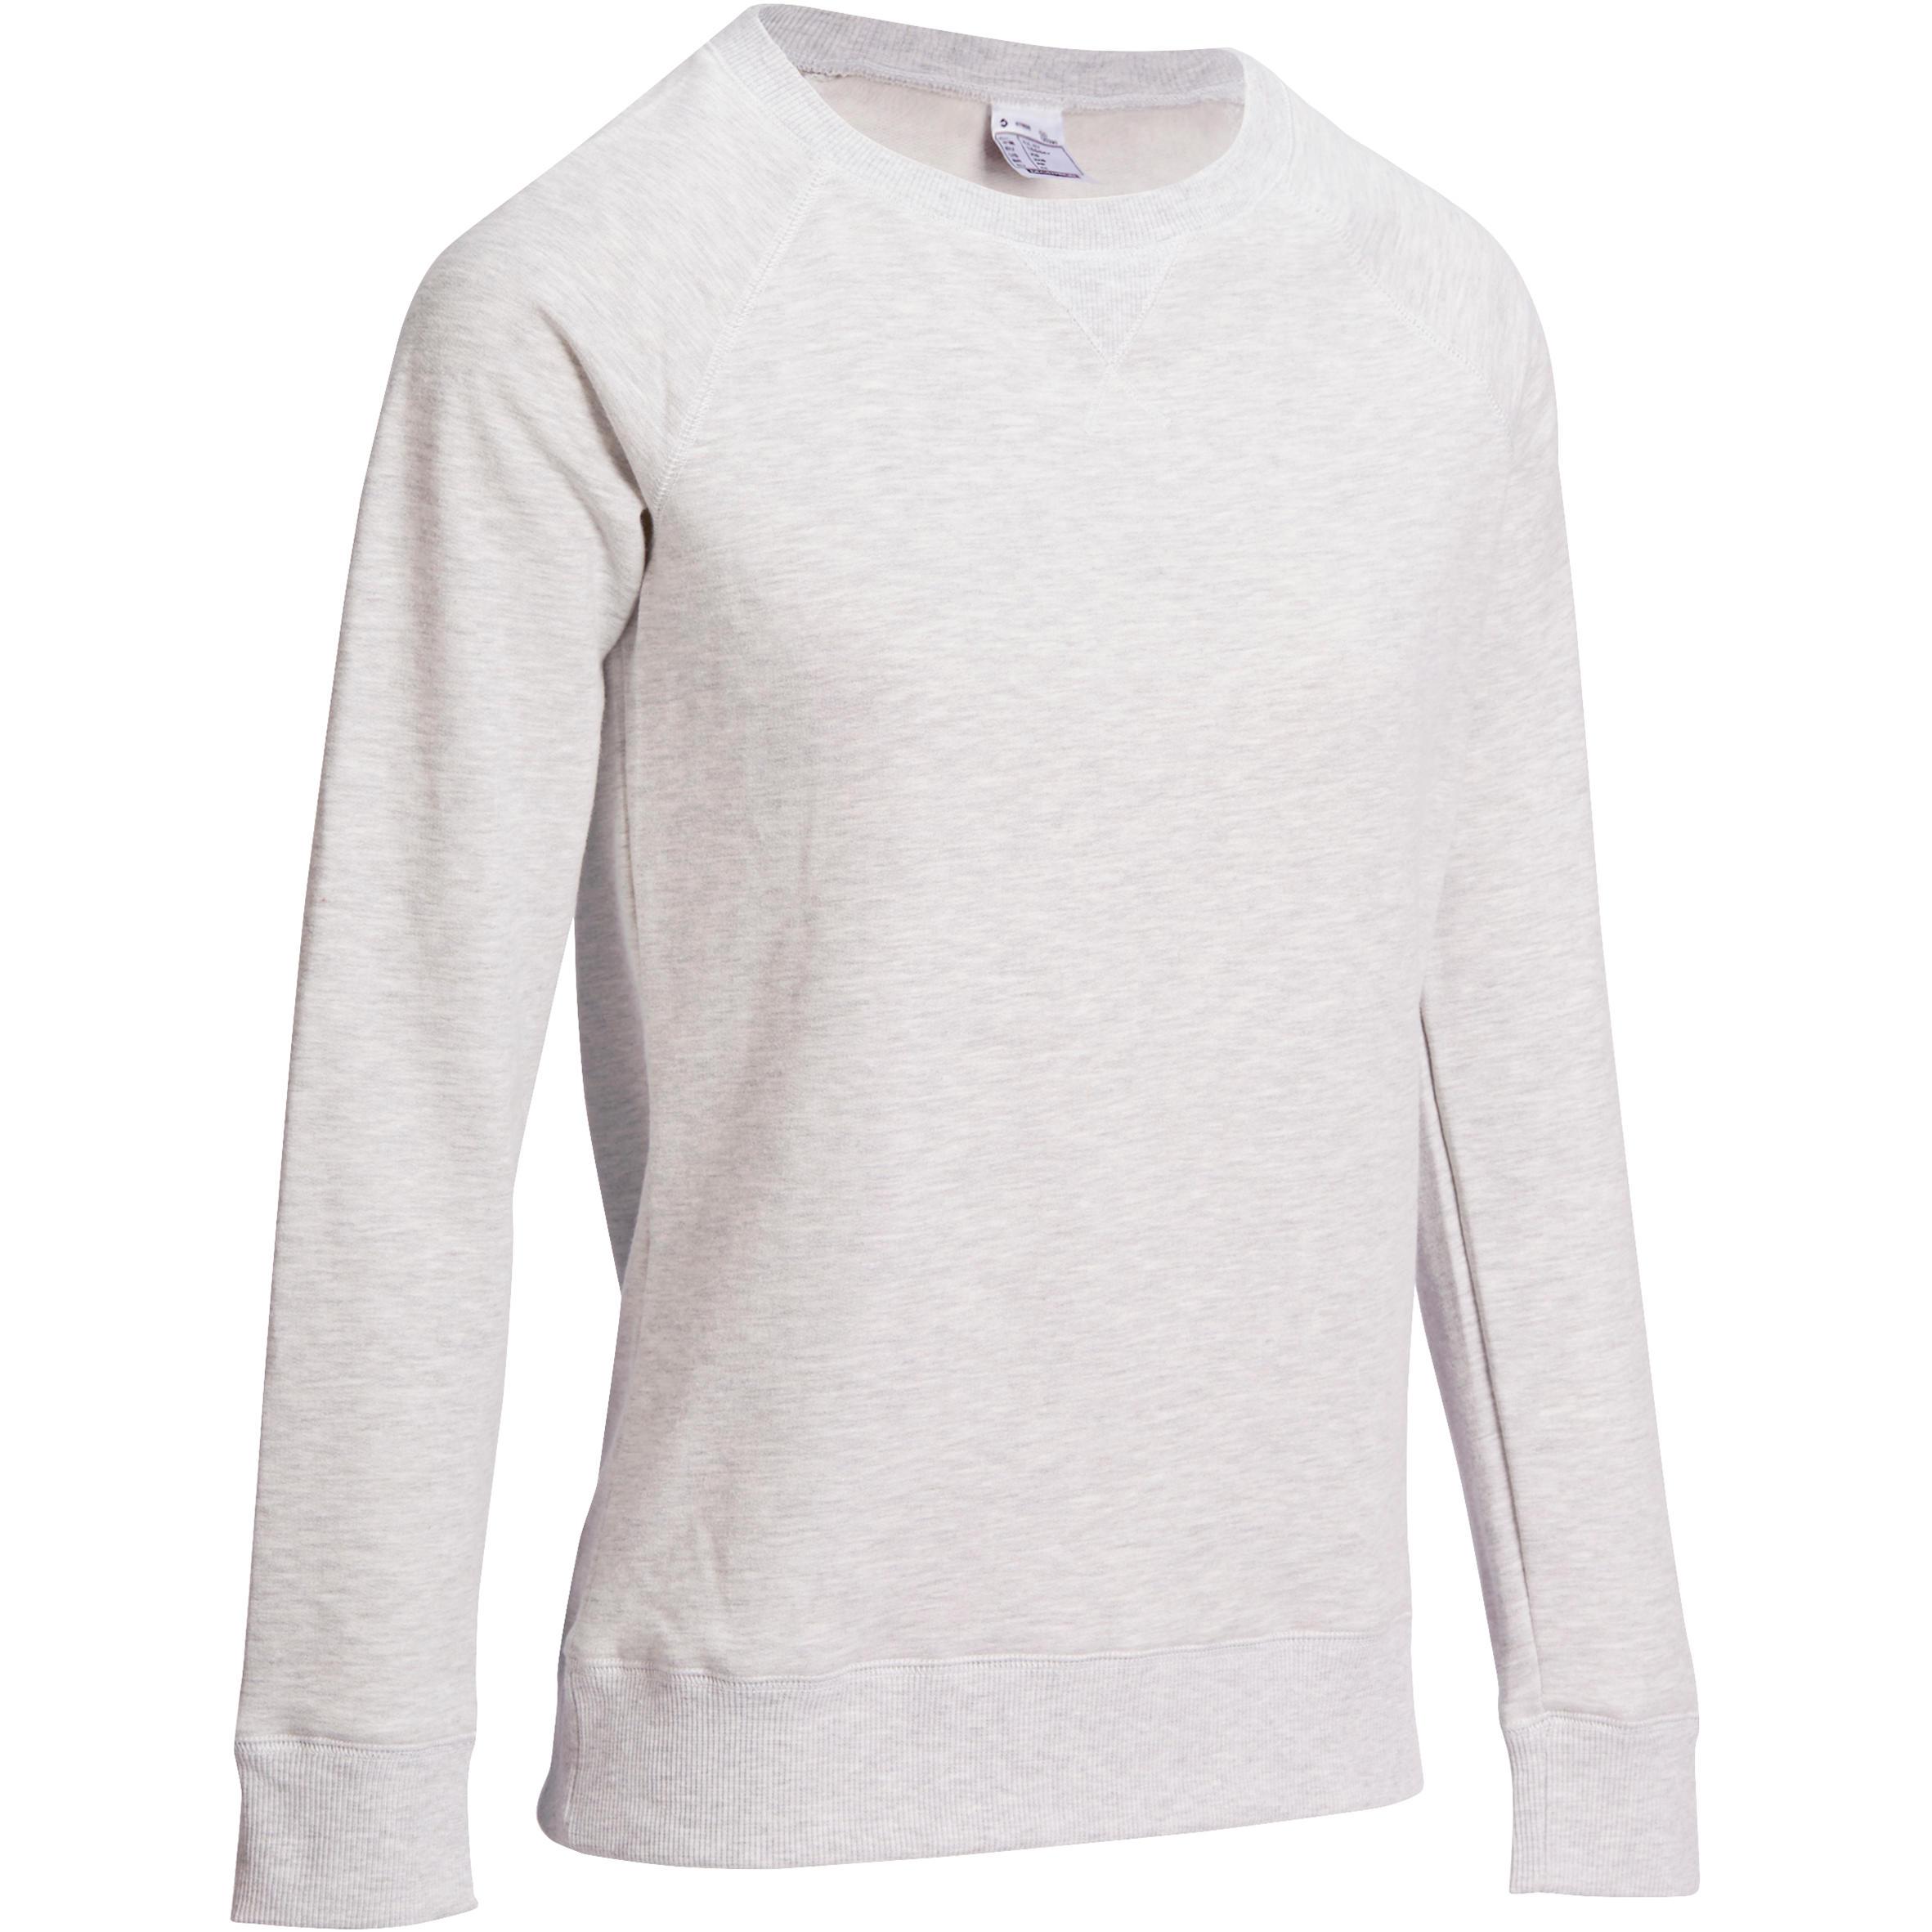 Domyos Damessweater 100 met ronde hals voor gym en pilates